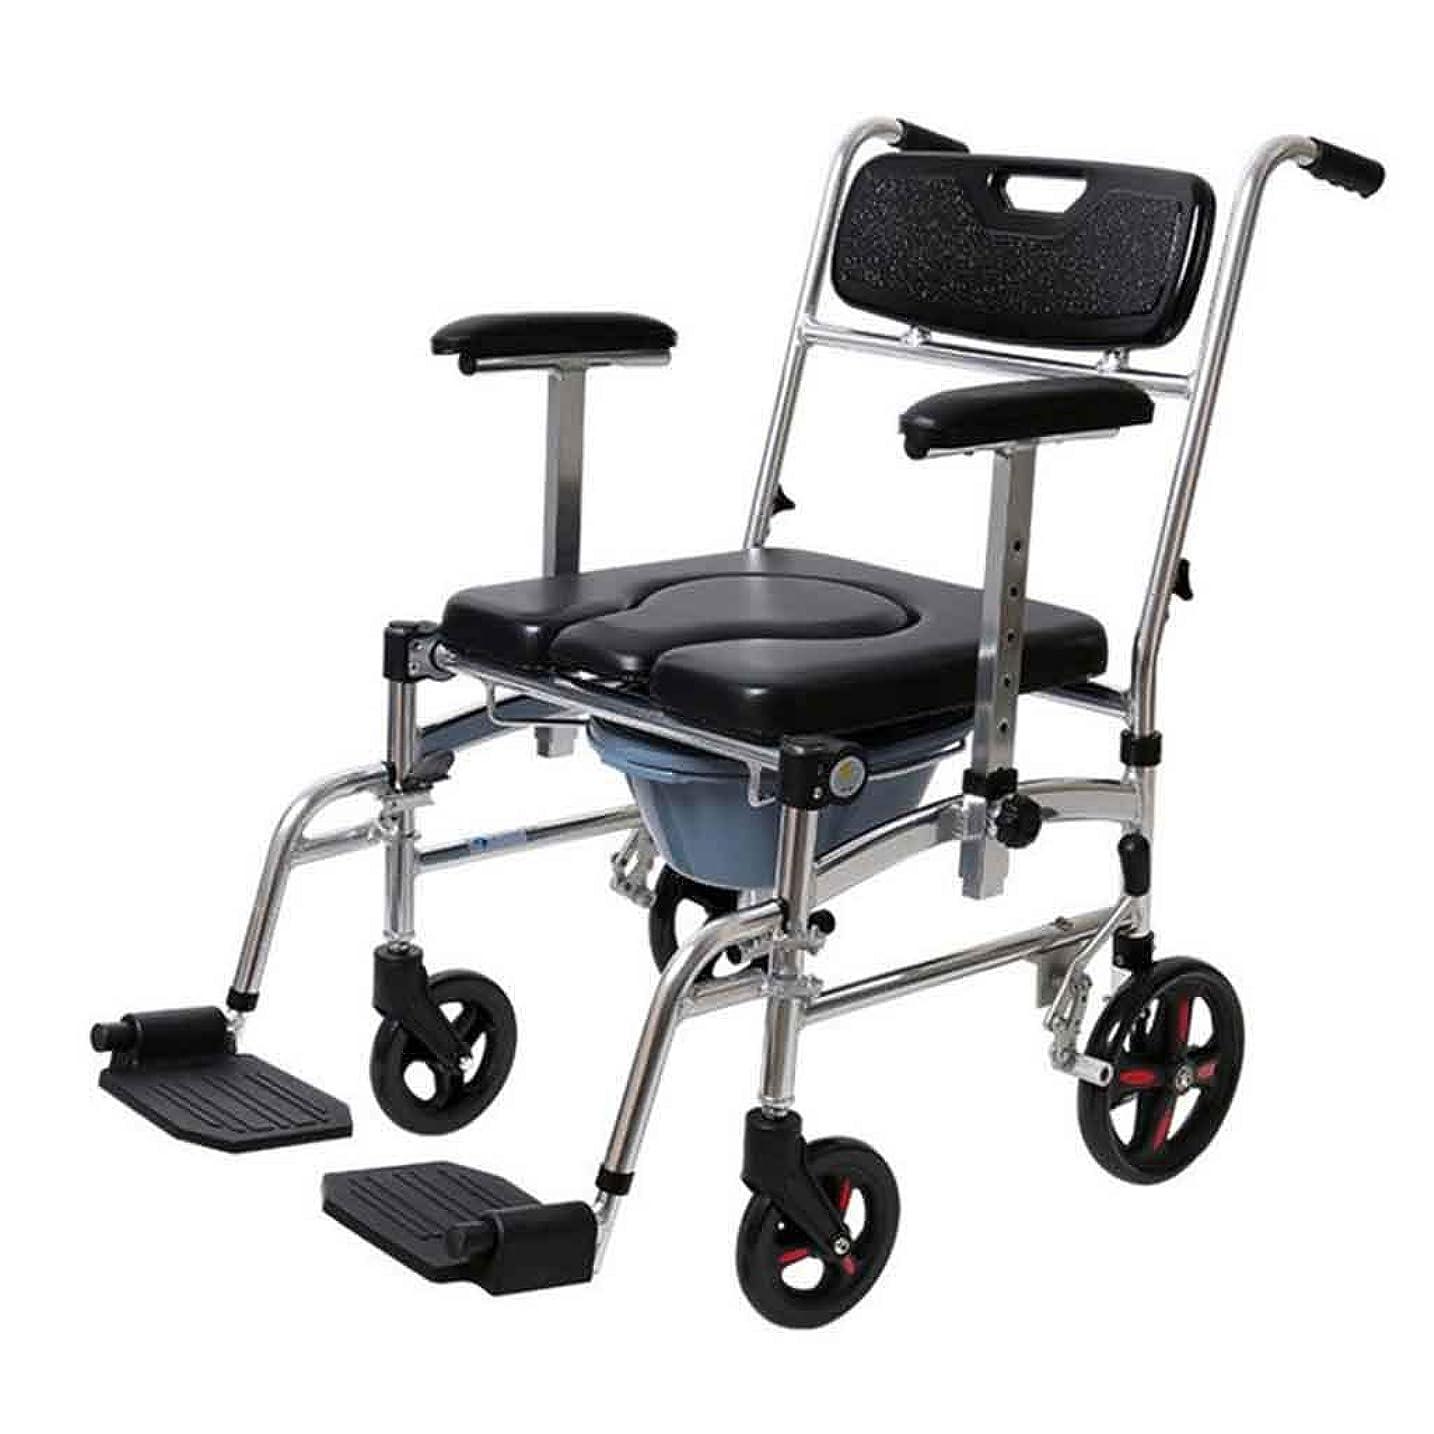 アルバニー外交官グレードハンドベビーカー車椅子、ハンドブレーキ付き18インチシート手動コンパクトアルミ折りたたみ式コンパクトライトトランスポート車椅子